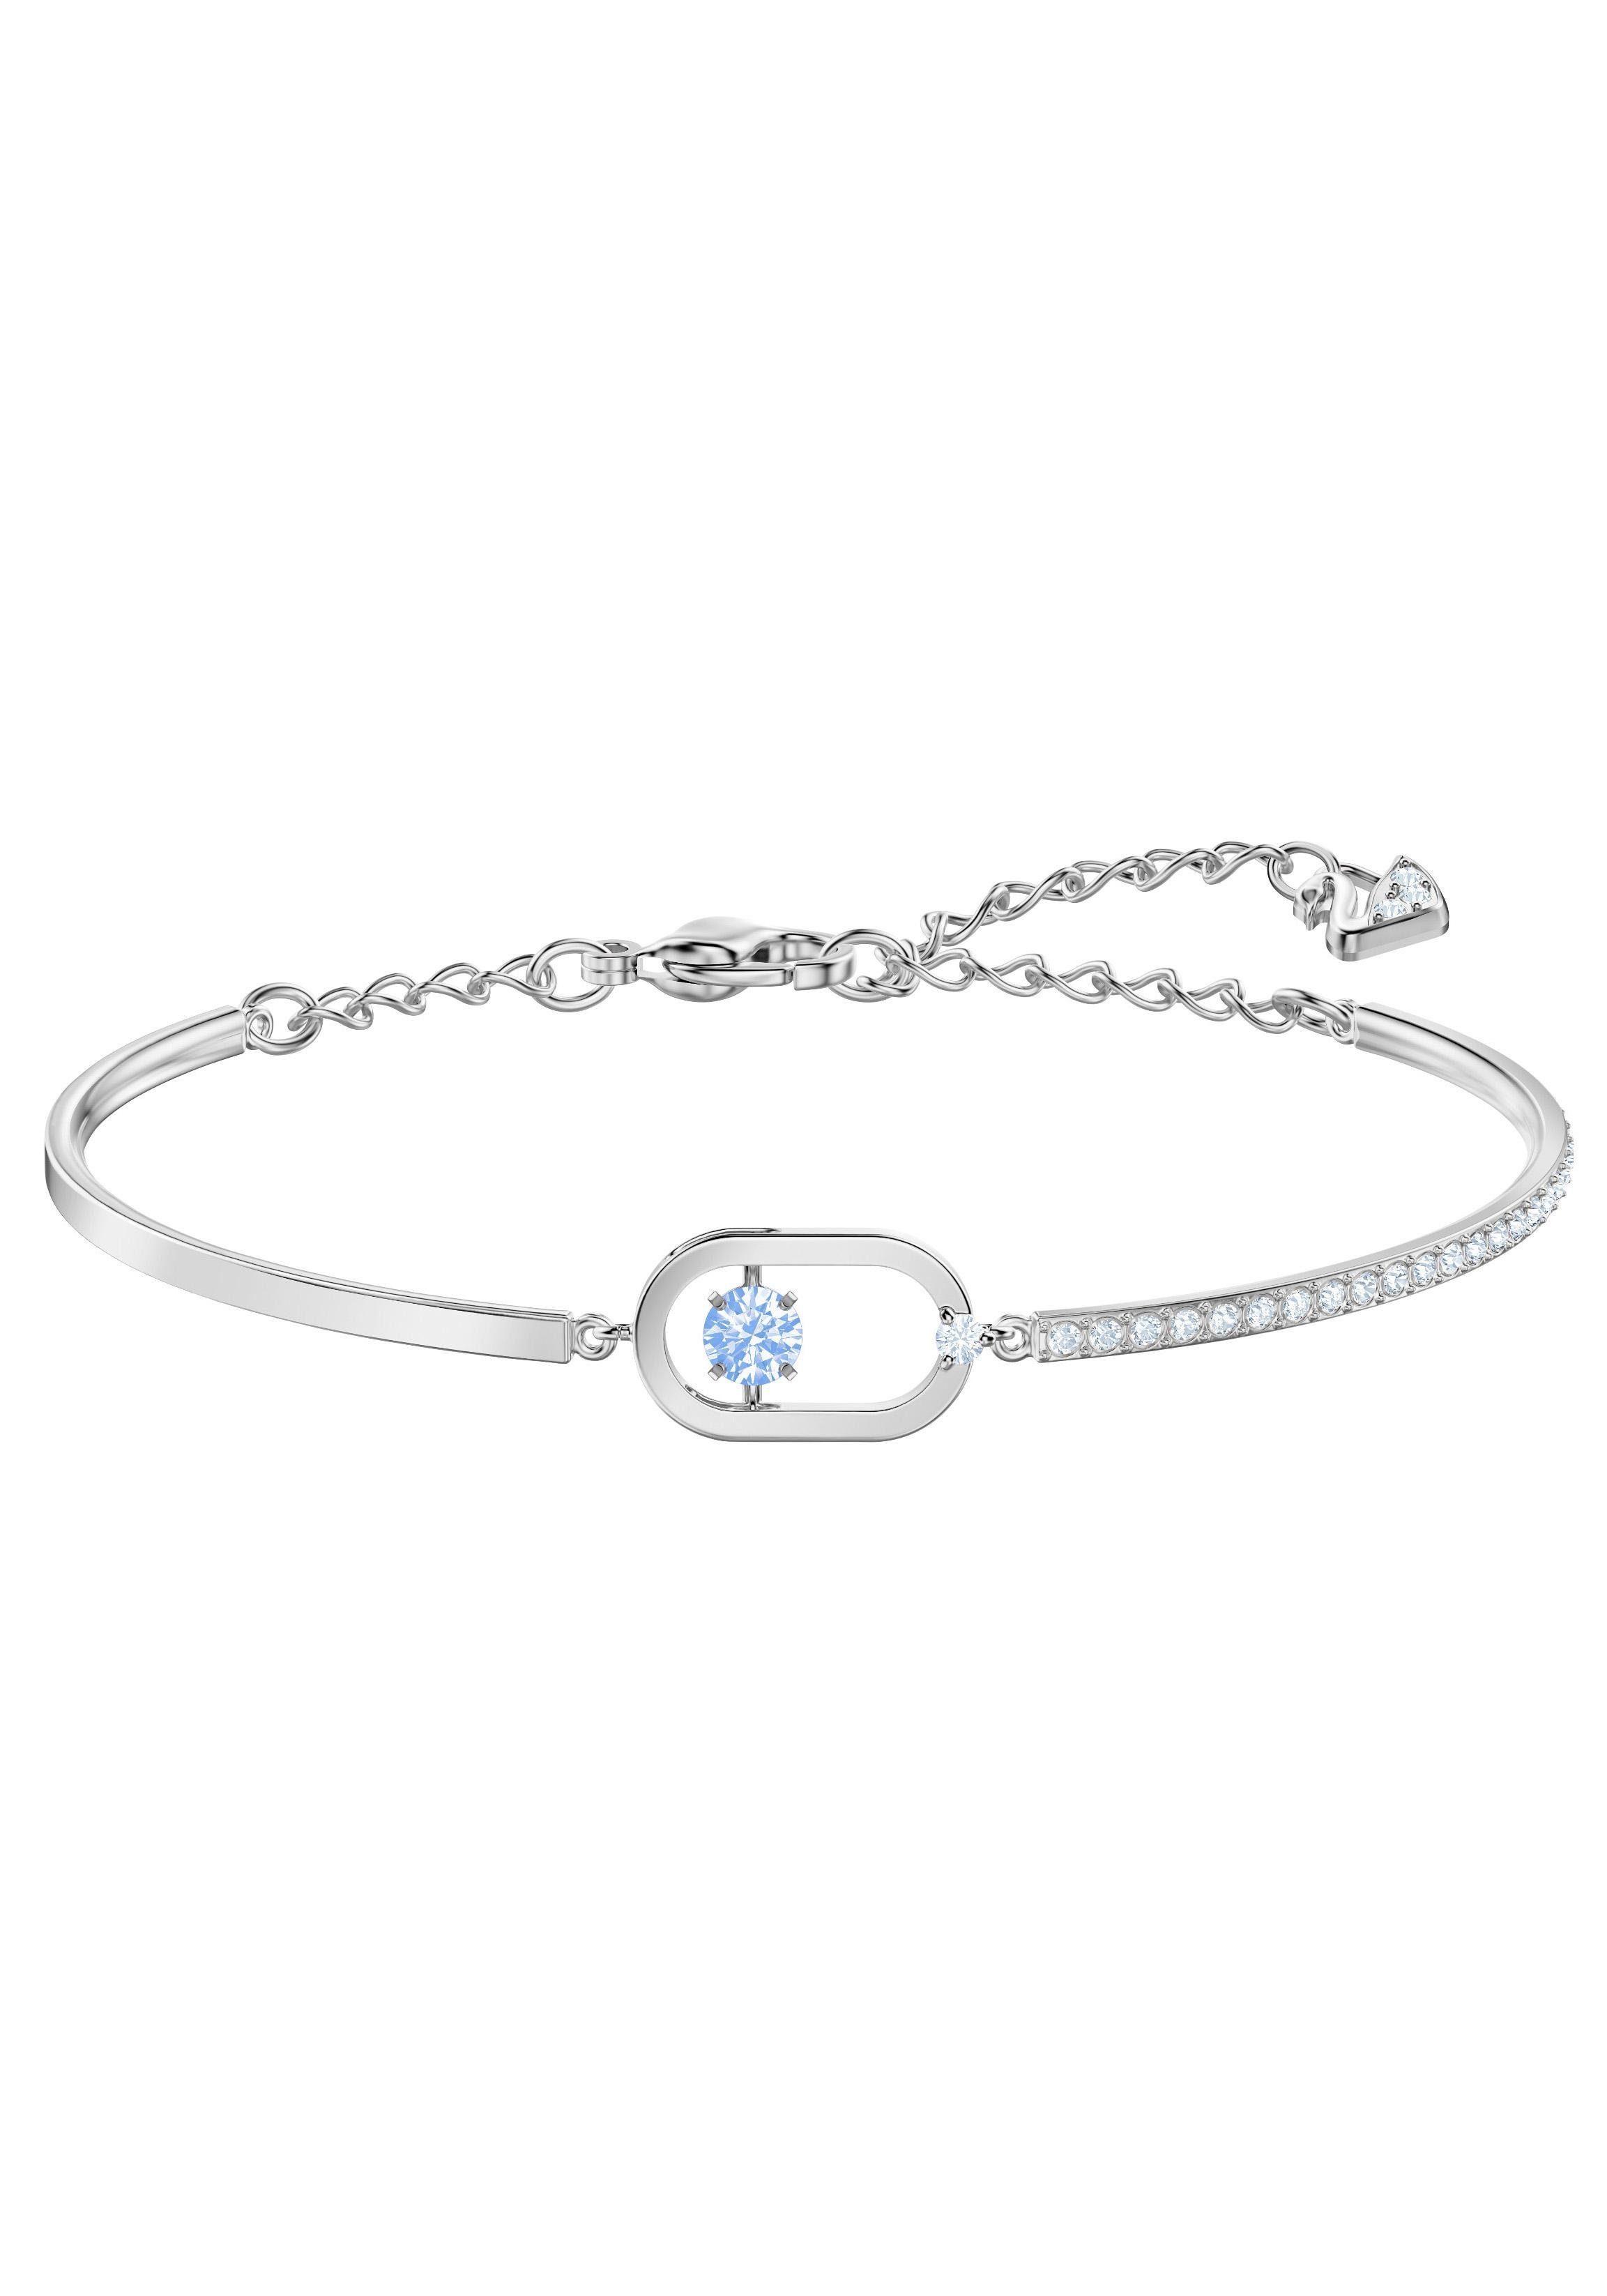 Swarovski Armreif »North, blau, rhodiniert, 5479120« mit Swarovski® Kristallen